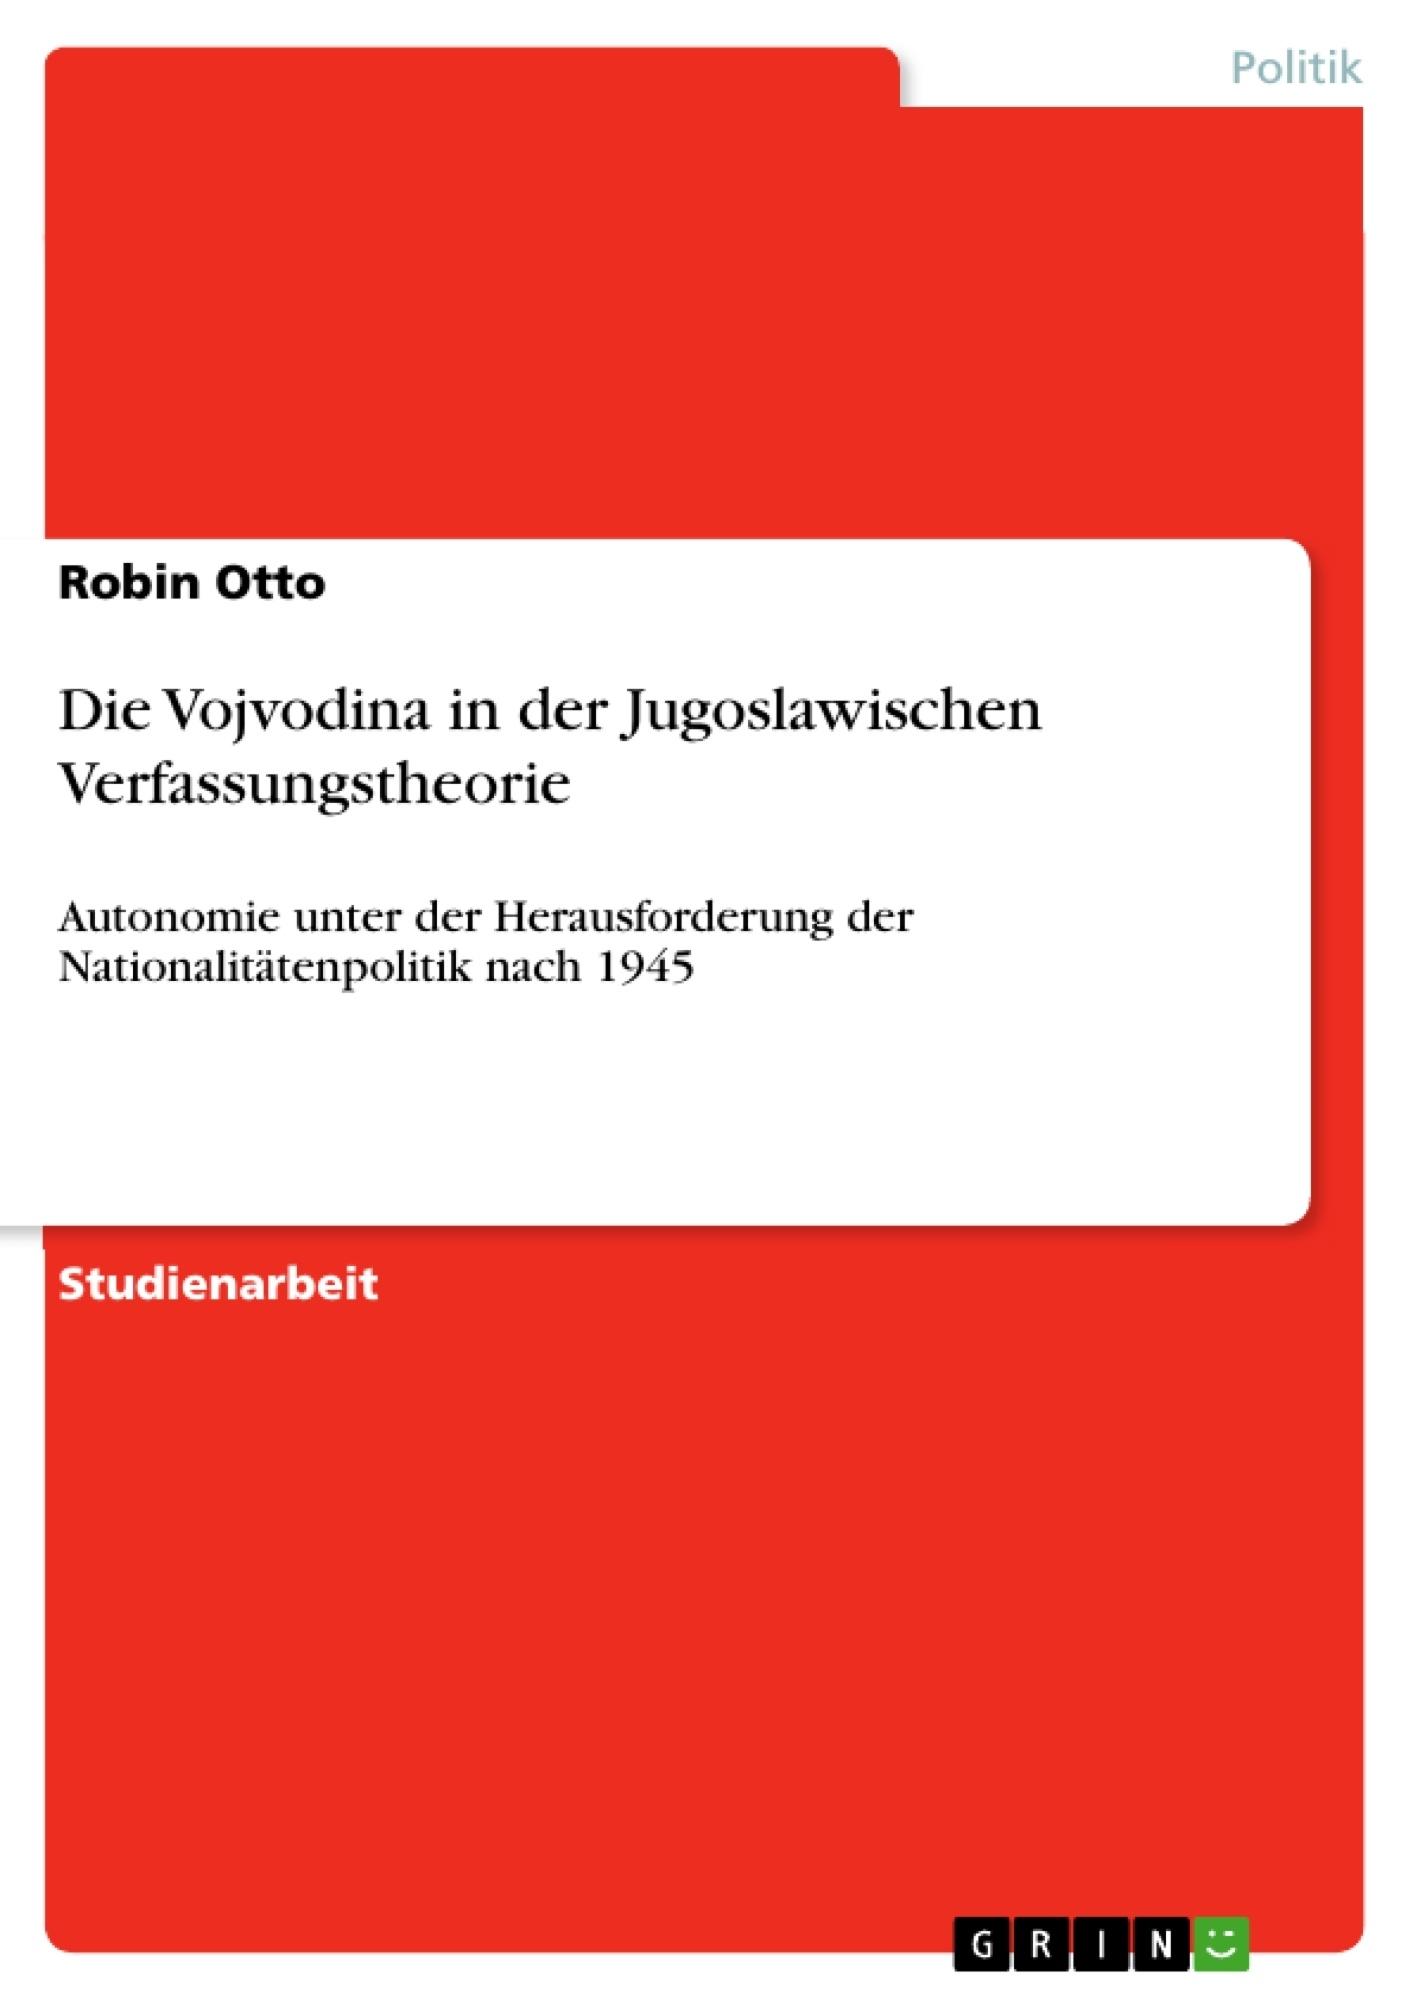 Titel: Die Vojvodina in der Jugoslawischen Verfassungstheorie